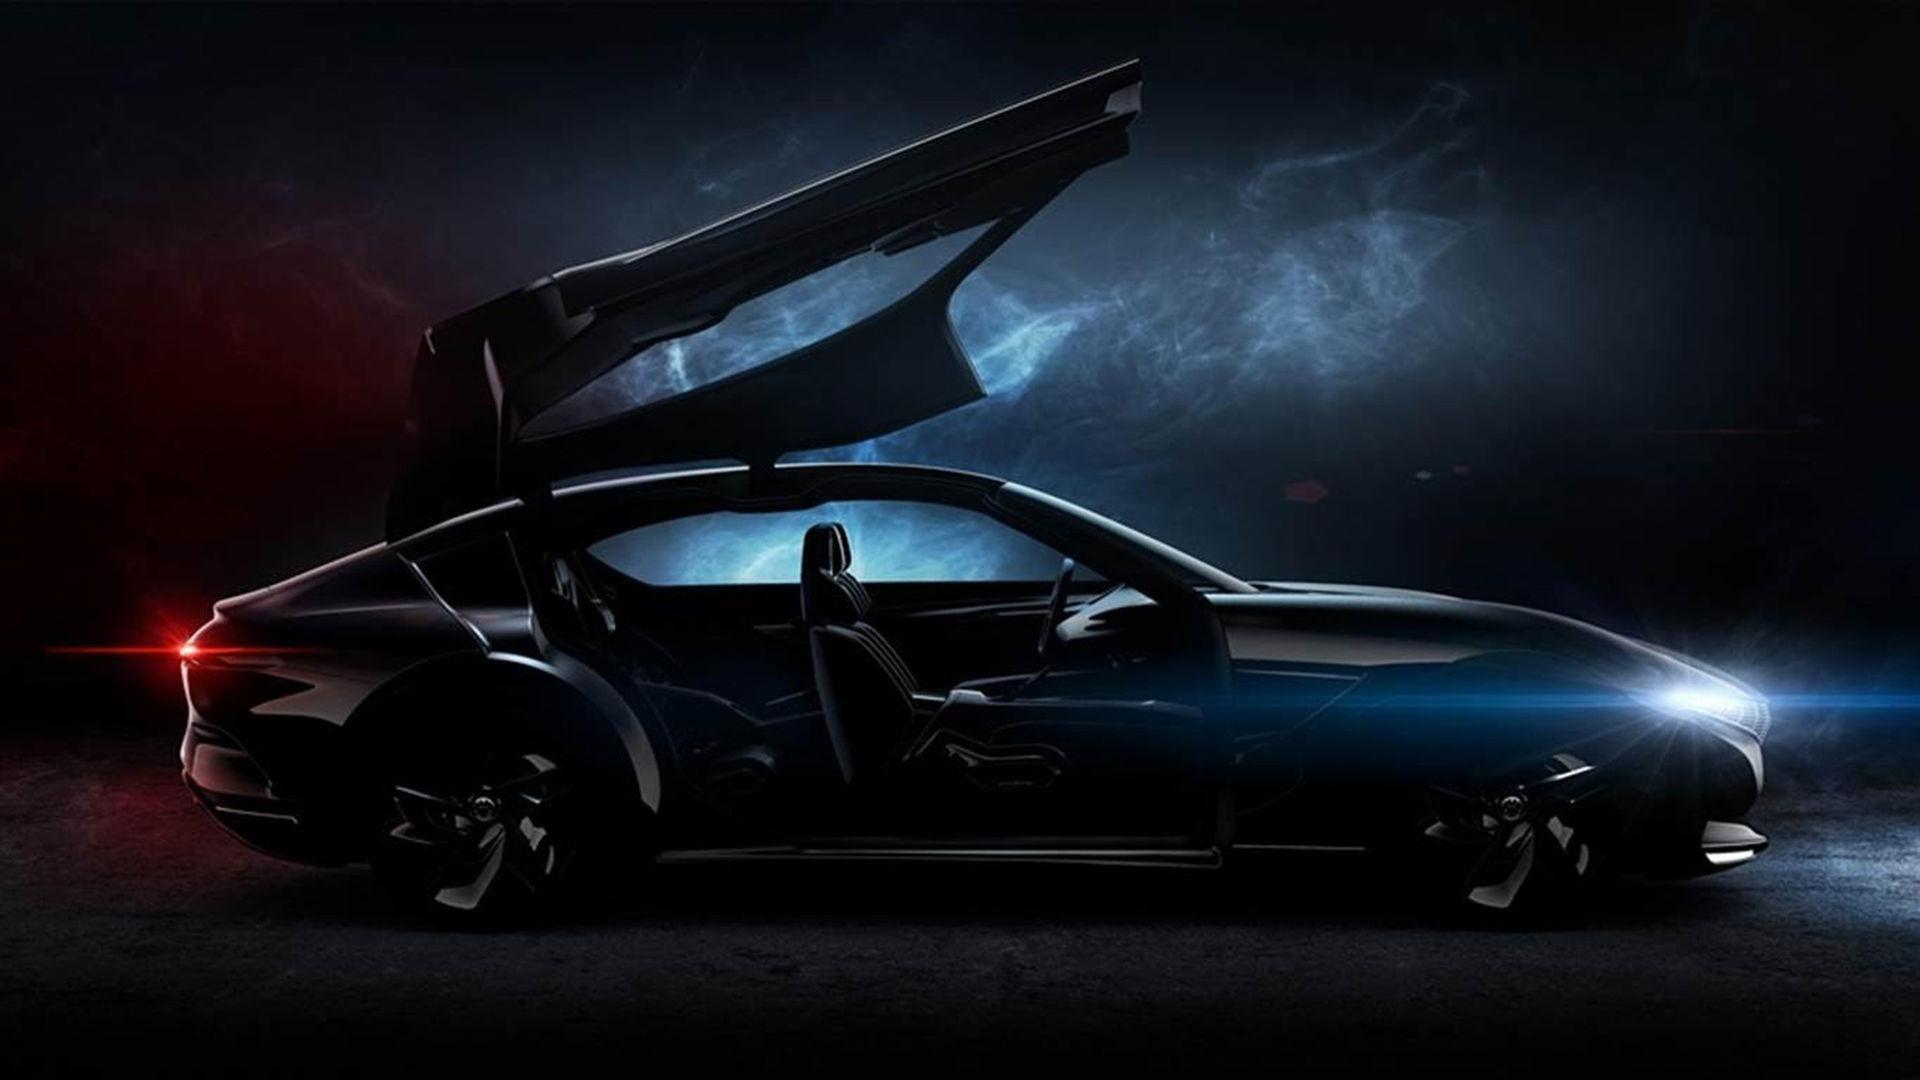 Pininfarinas nya konceptbil har gigantiska måsvingedörrar